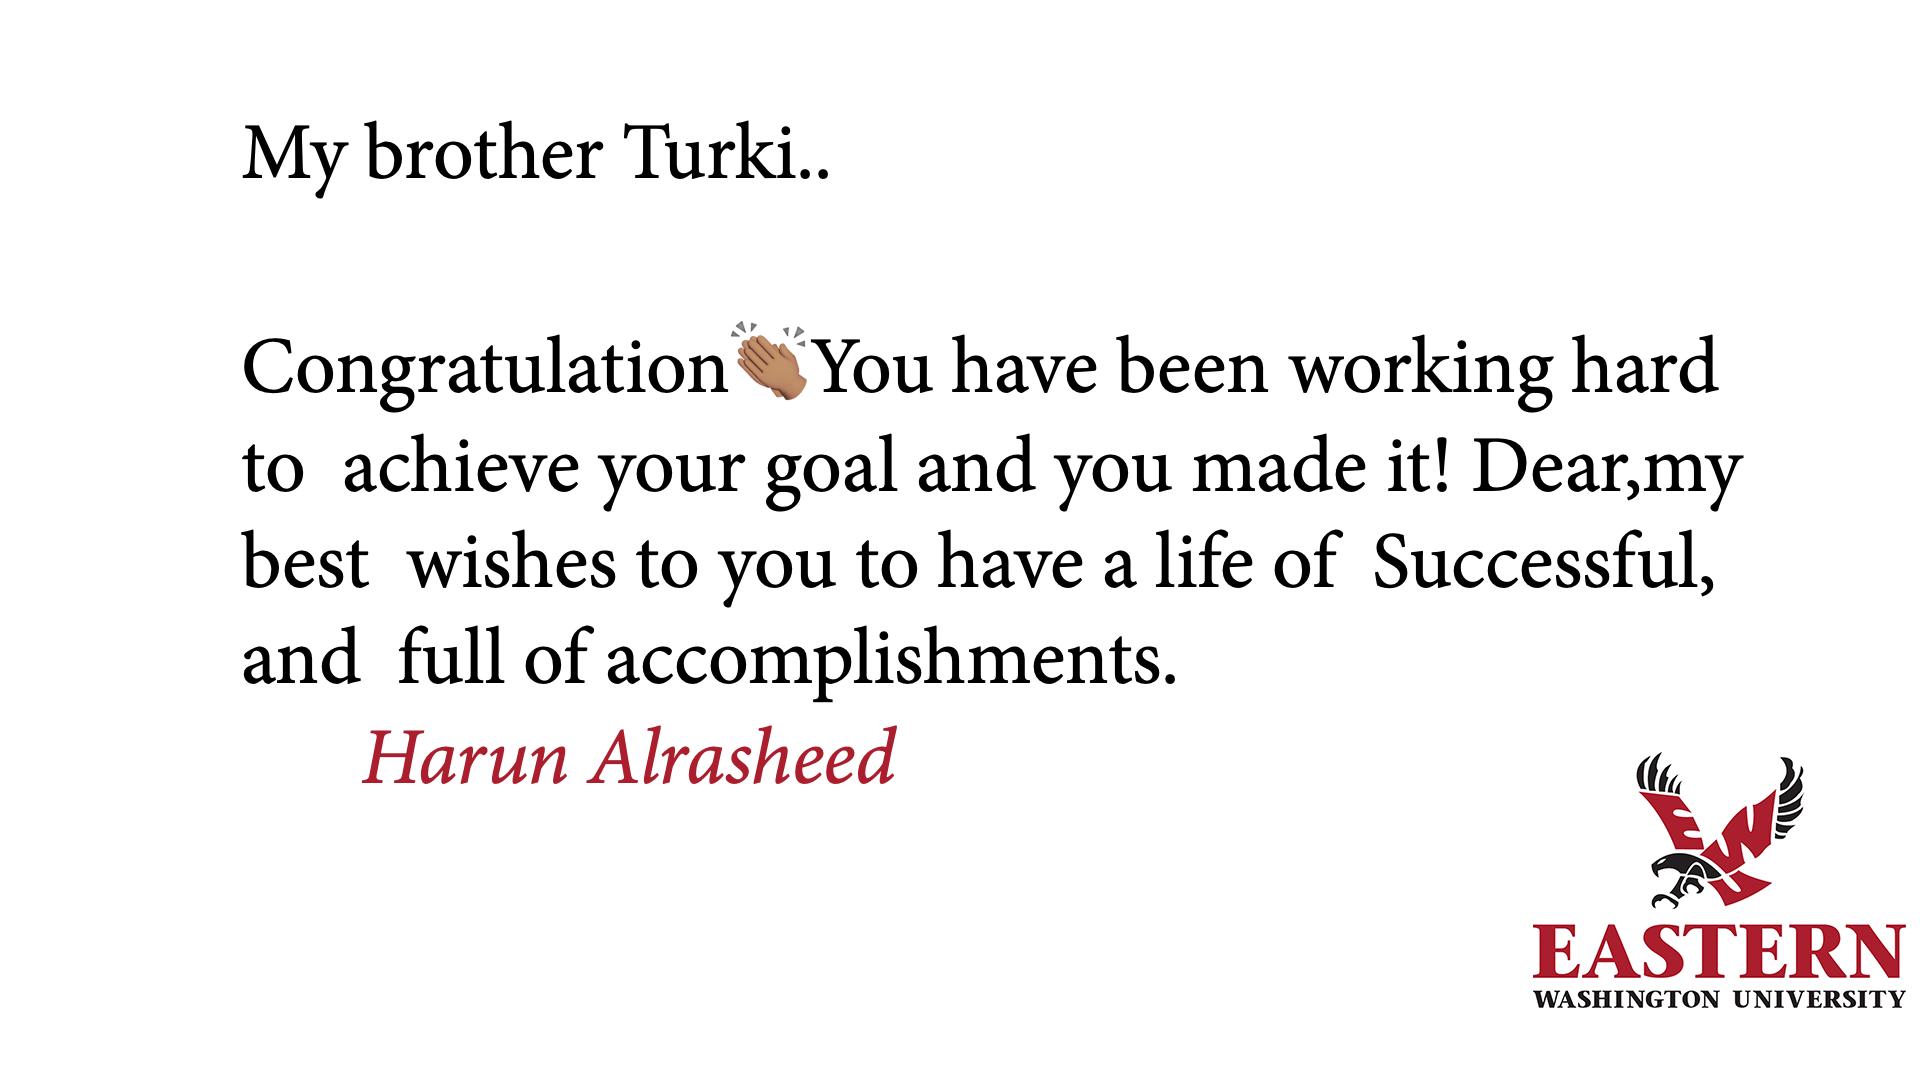 tbi_turki-sami-bohassan_1513.png